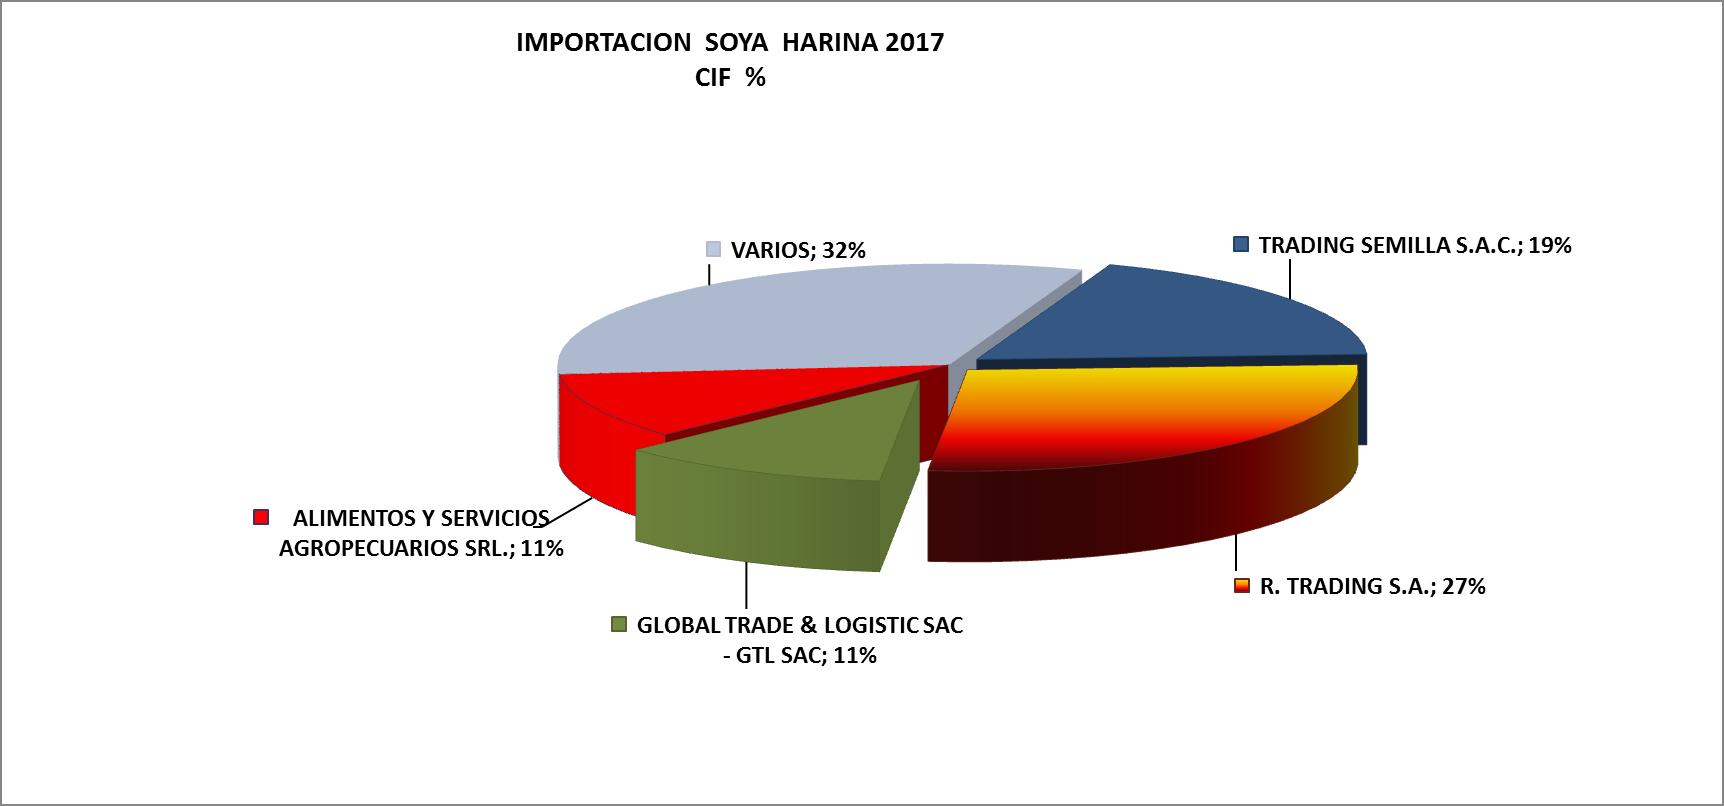 Soya Harina Perú Importación 2017 Abril